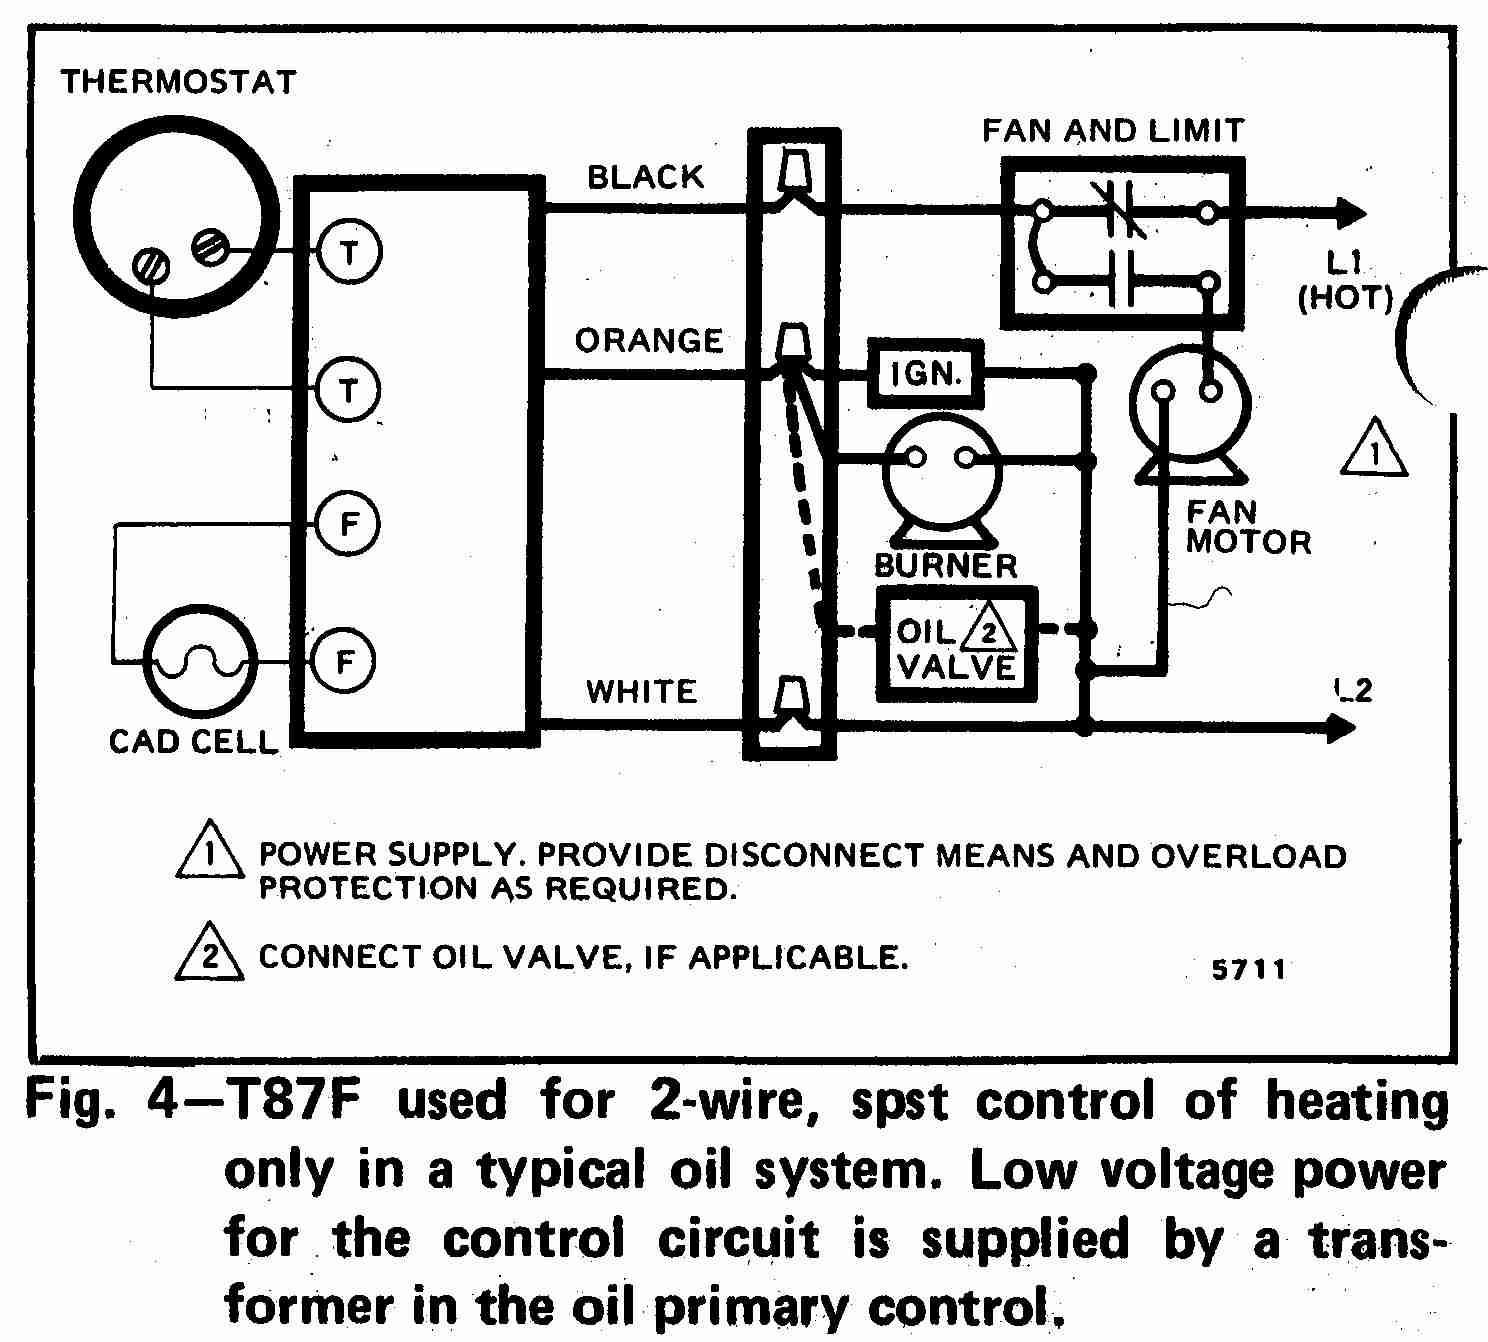 TT T87F 0002 2W DJF Thermostat Wiring Diagram